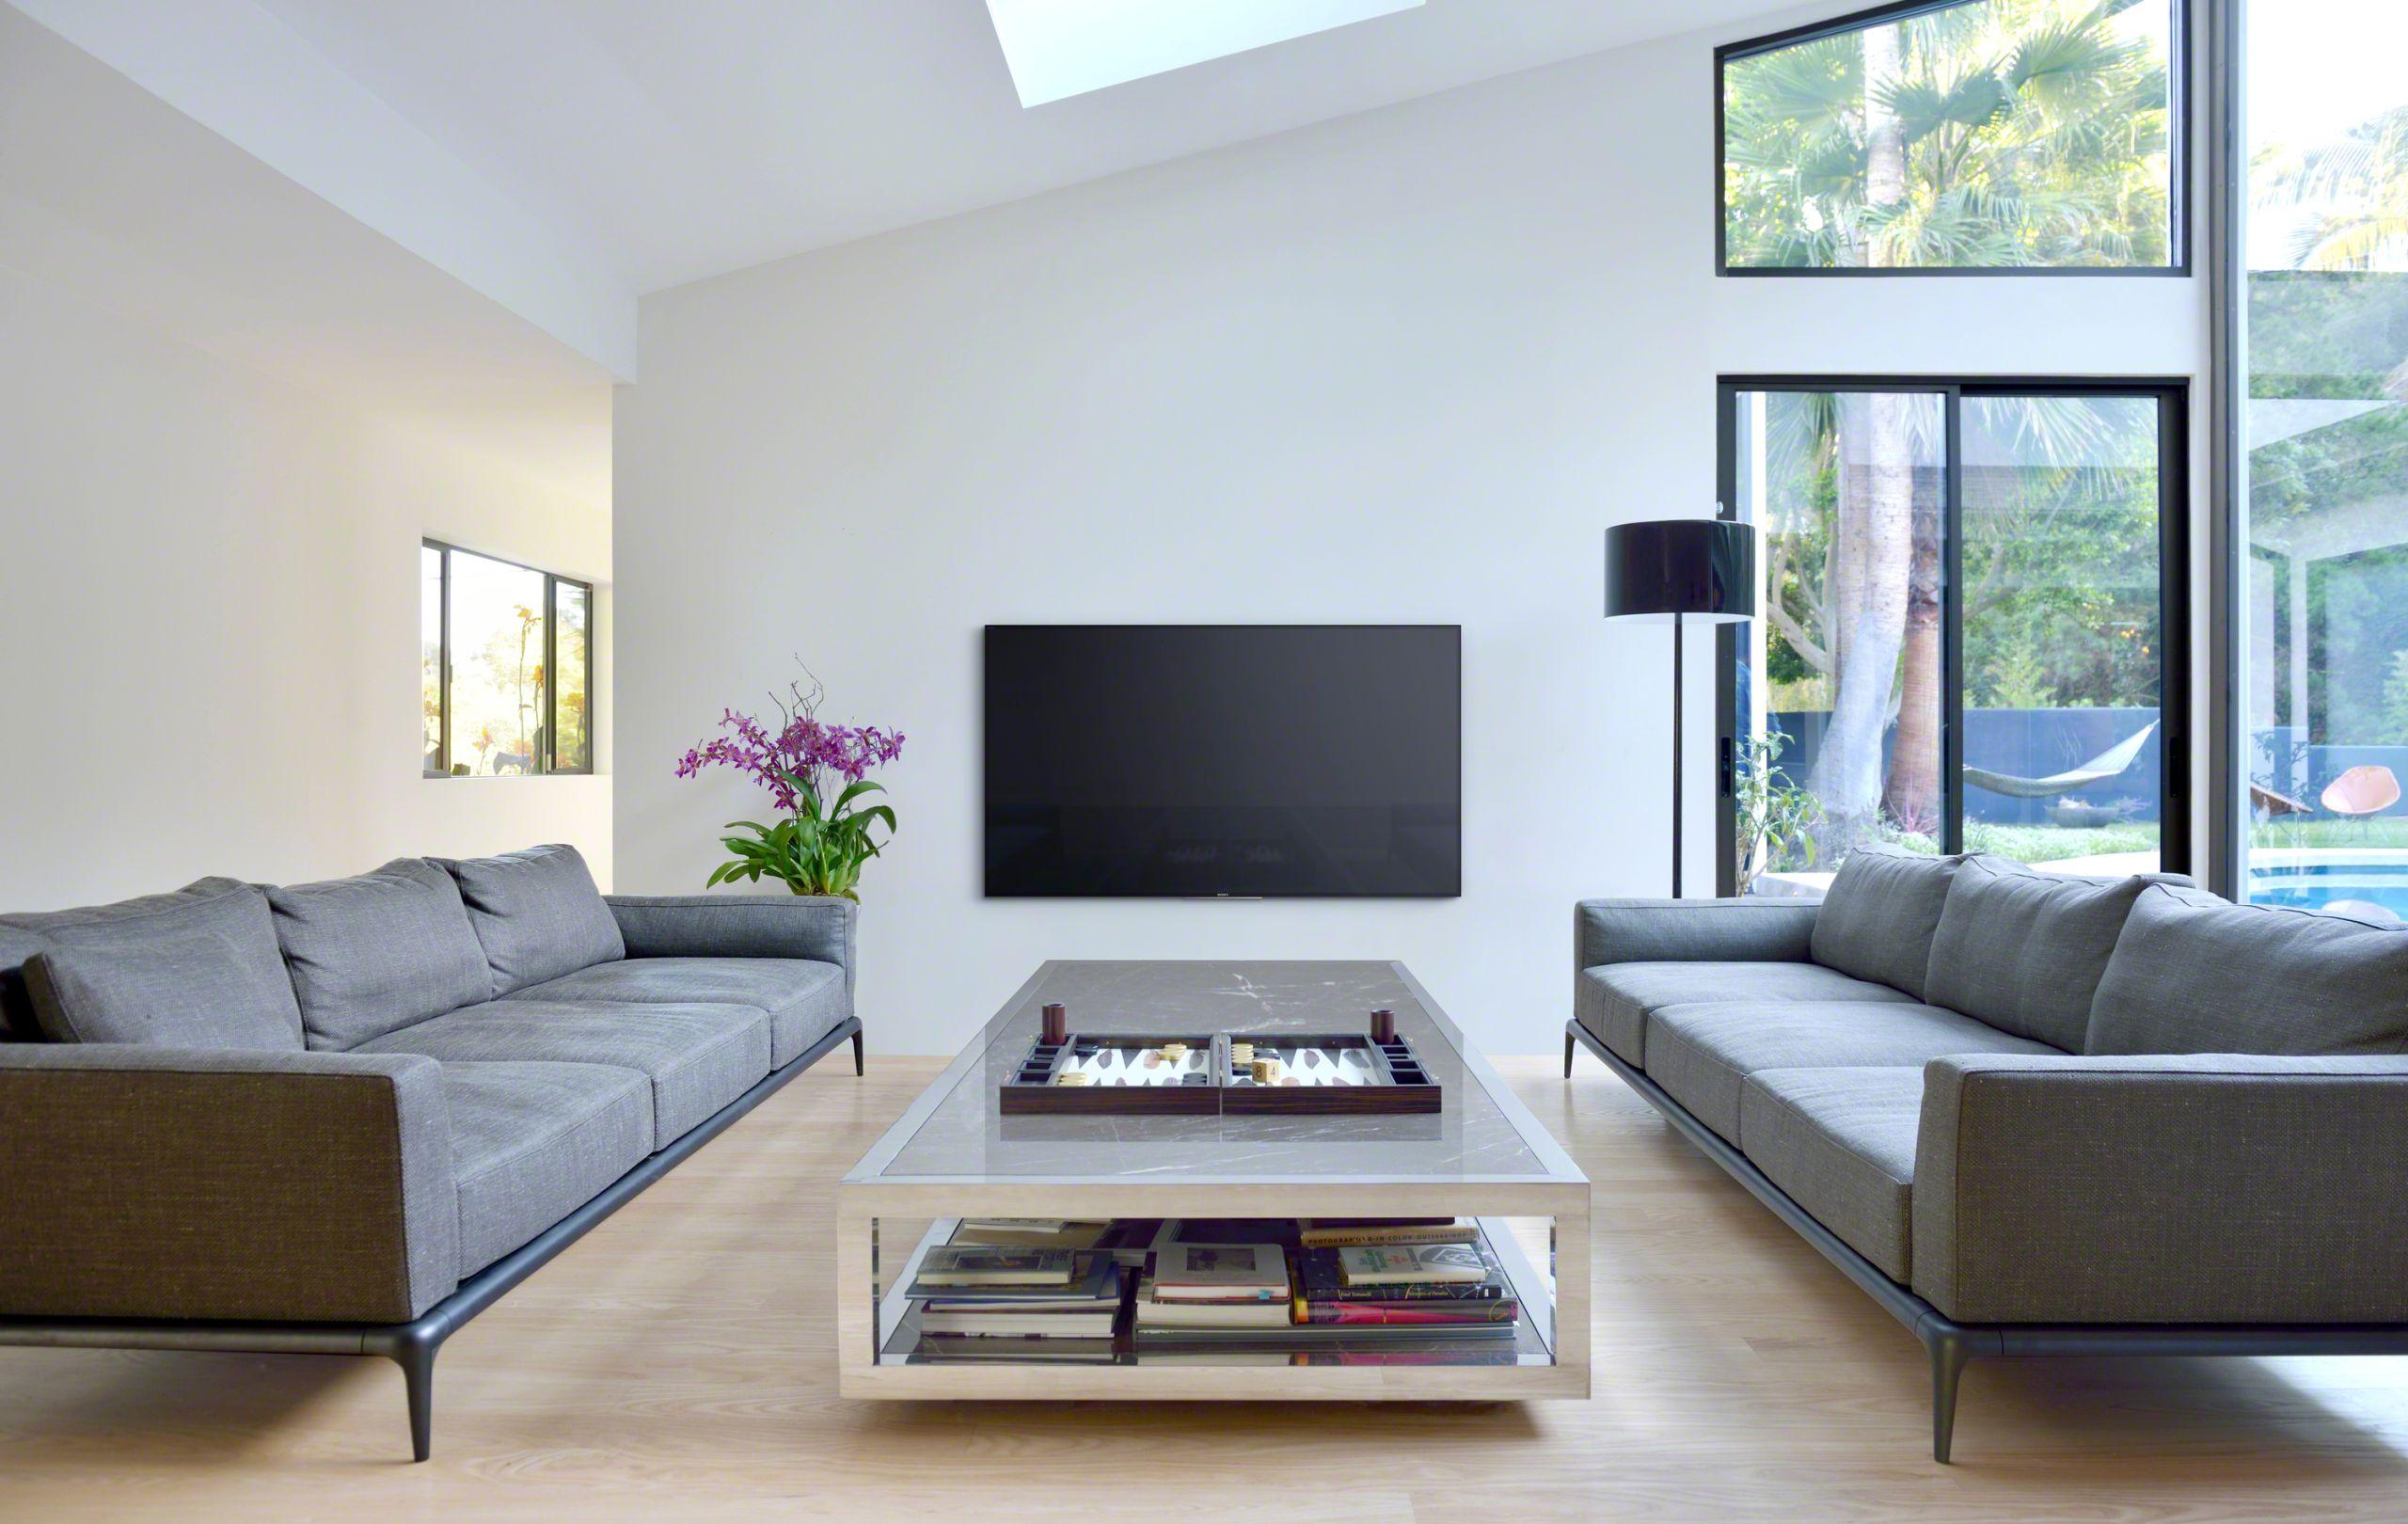 Dit zijn de nieuwe sony bravia televisies met hdr en for Living room with 65 inch tv